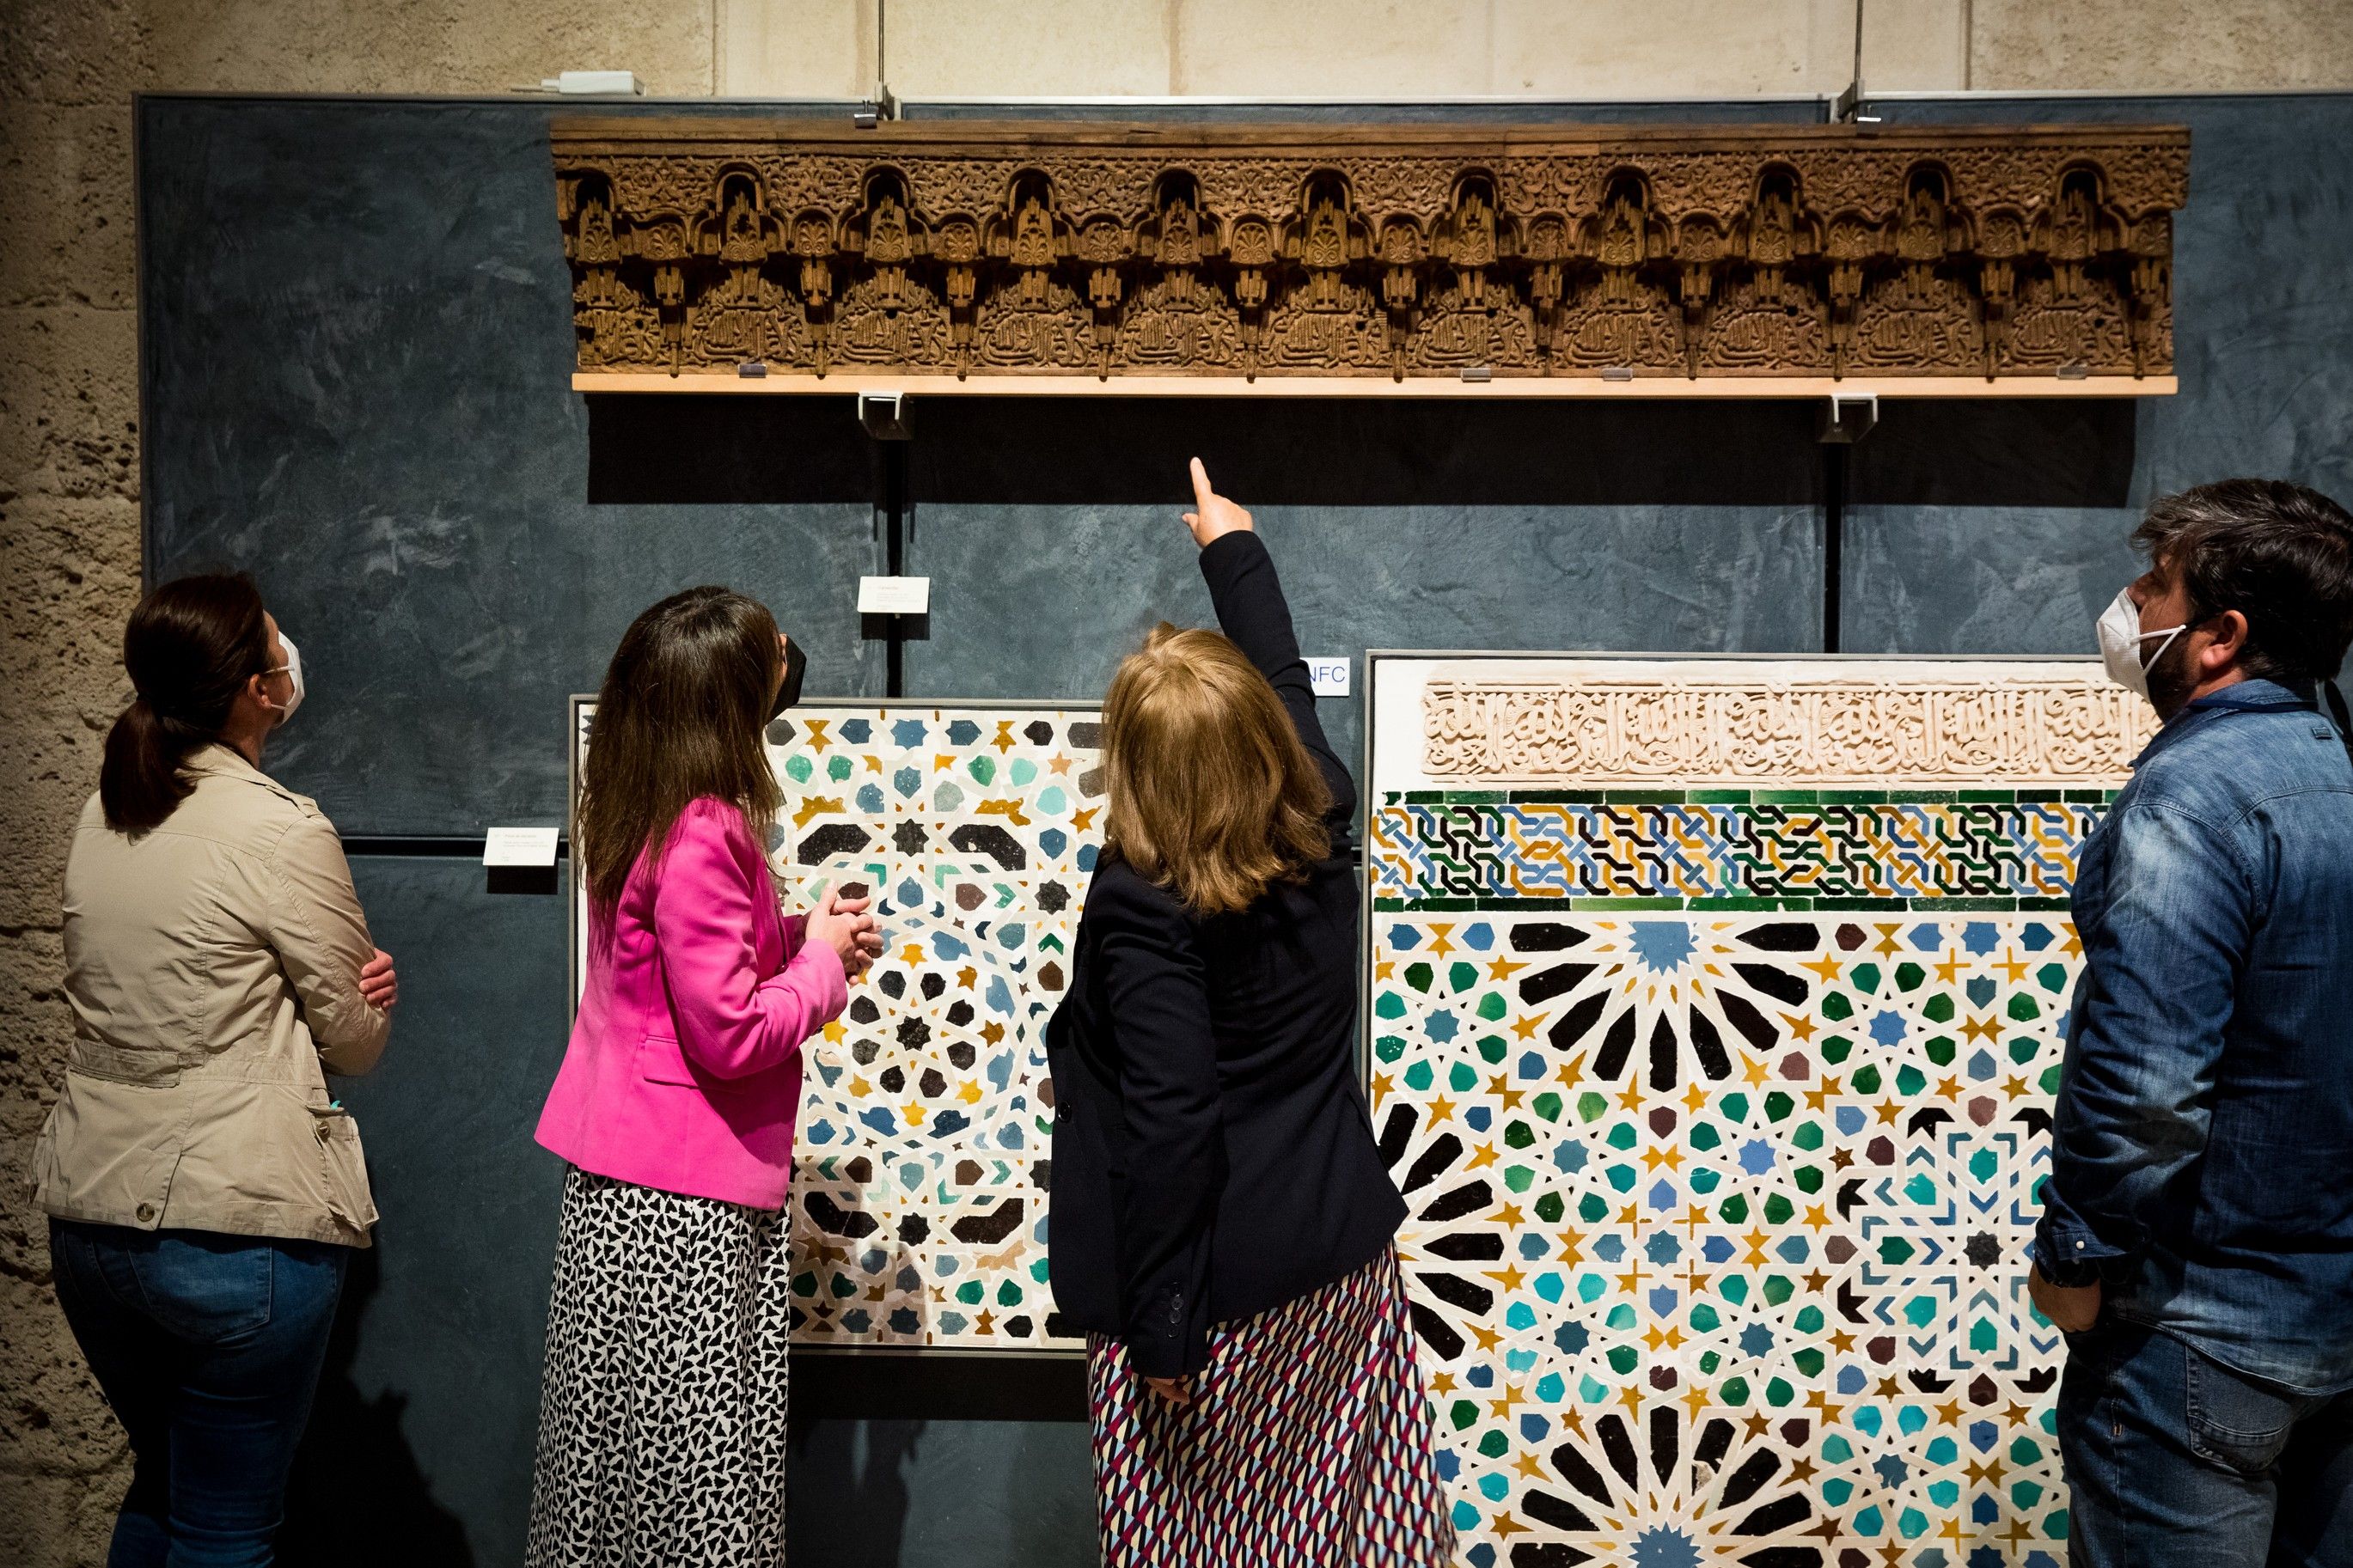 La Alhambra expone en su museo el arrocabe nazarí recuperado de la Torre de las Damas